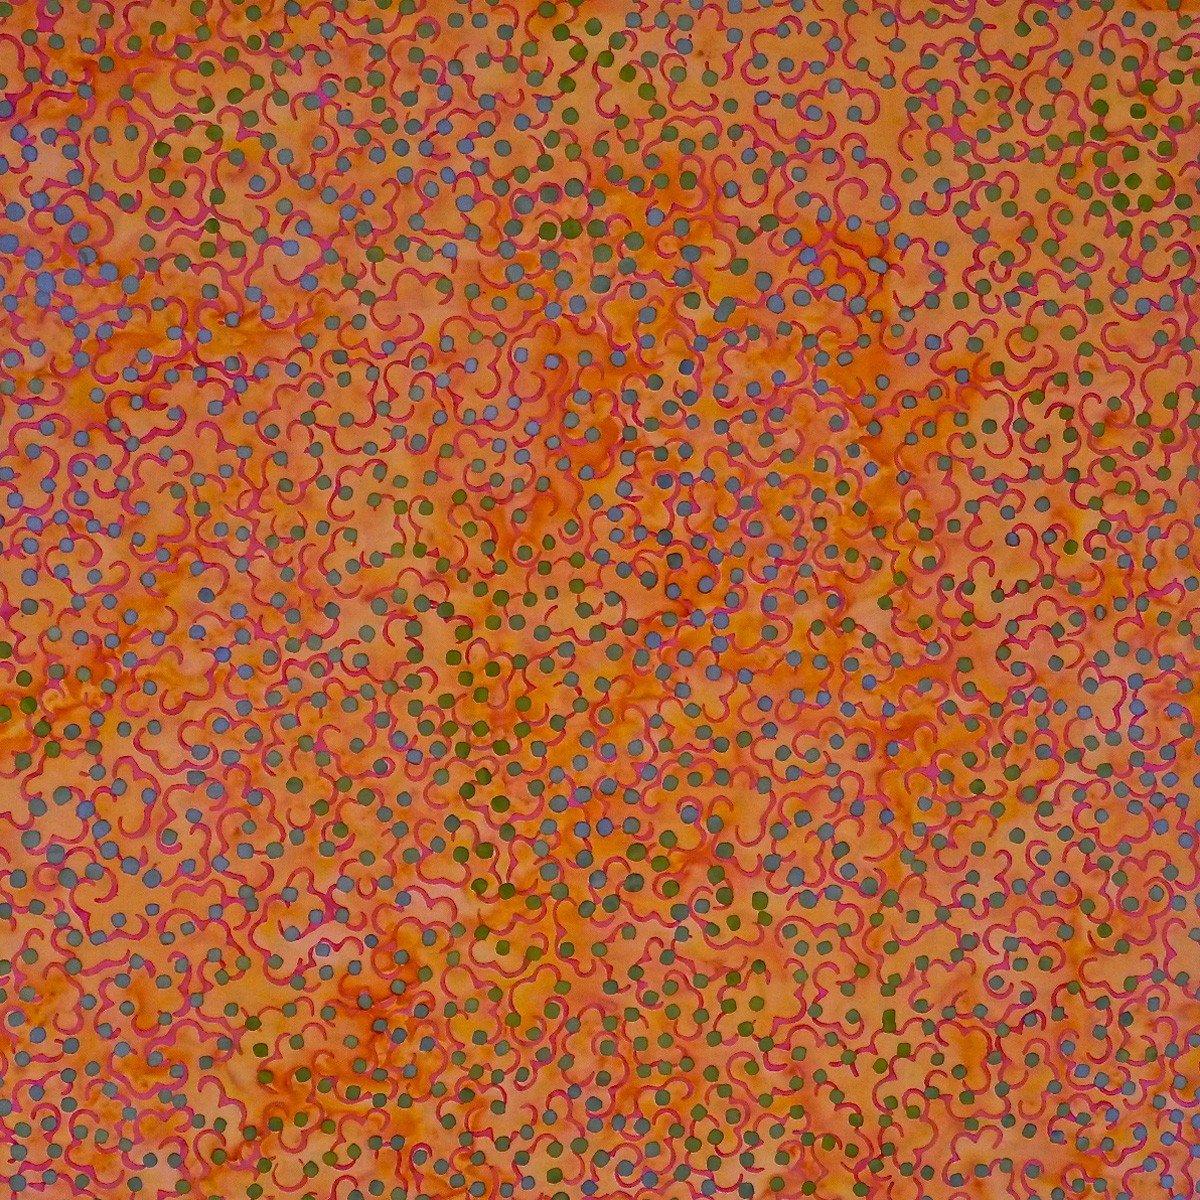 Batik by Mirah - Pastelette - orange with blue dots